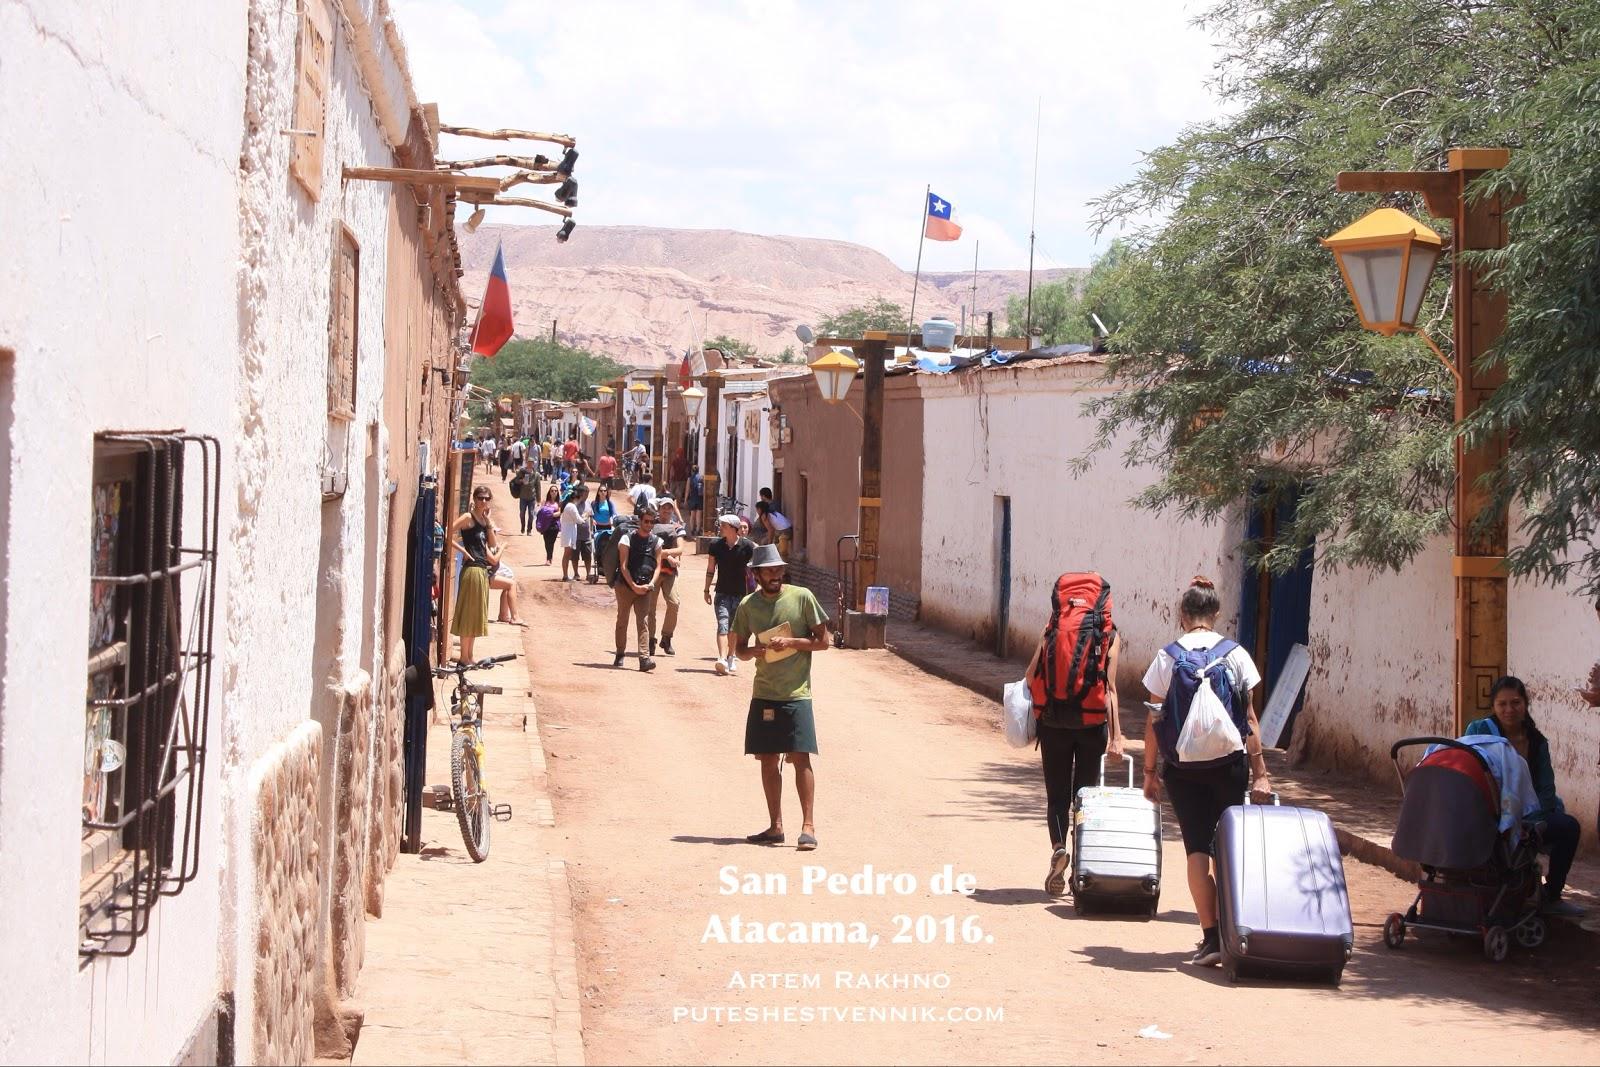 Туристы на улице в Сан-Педро-де-Атакама